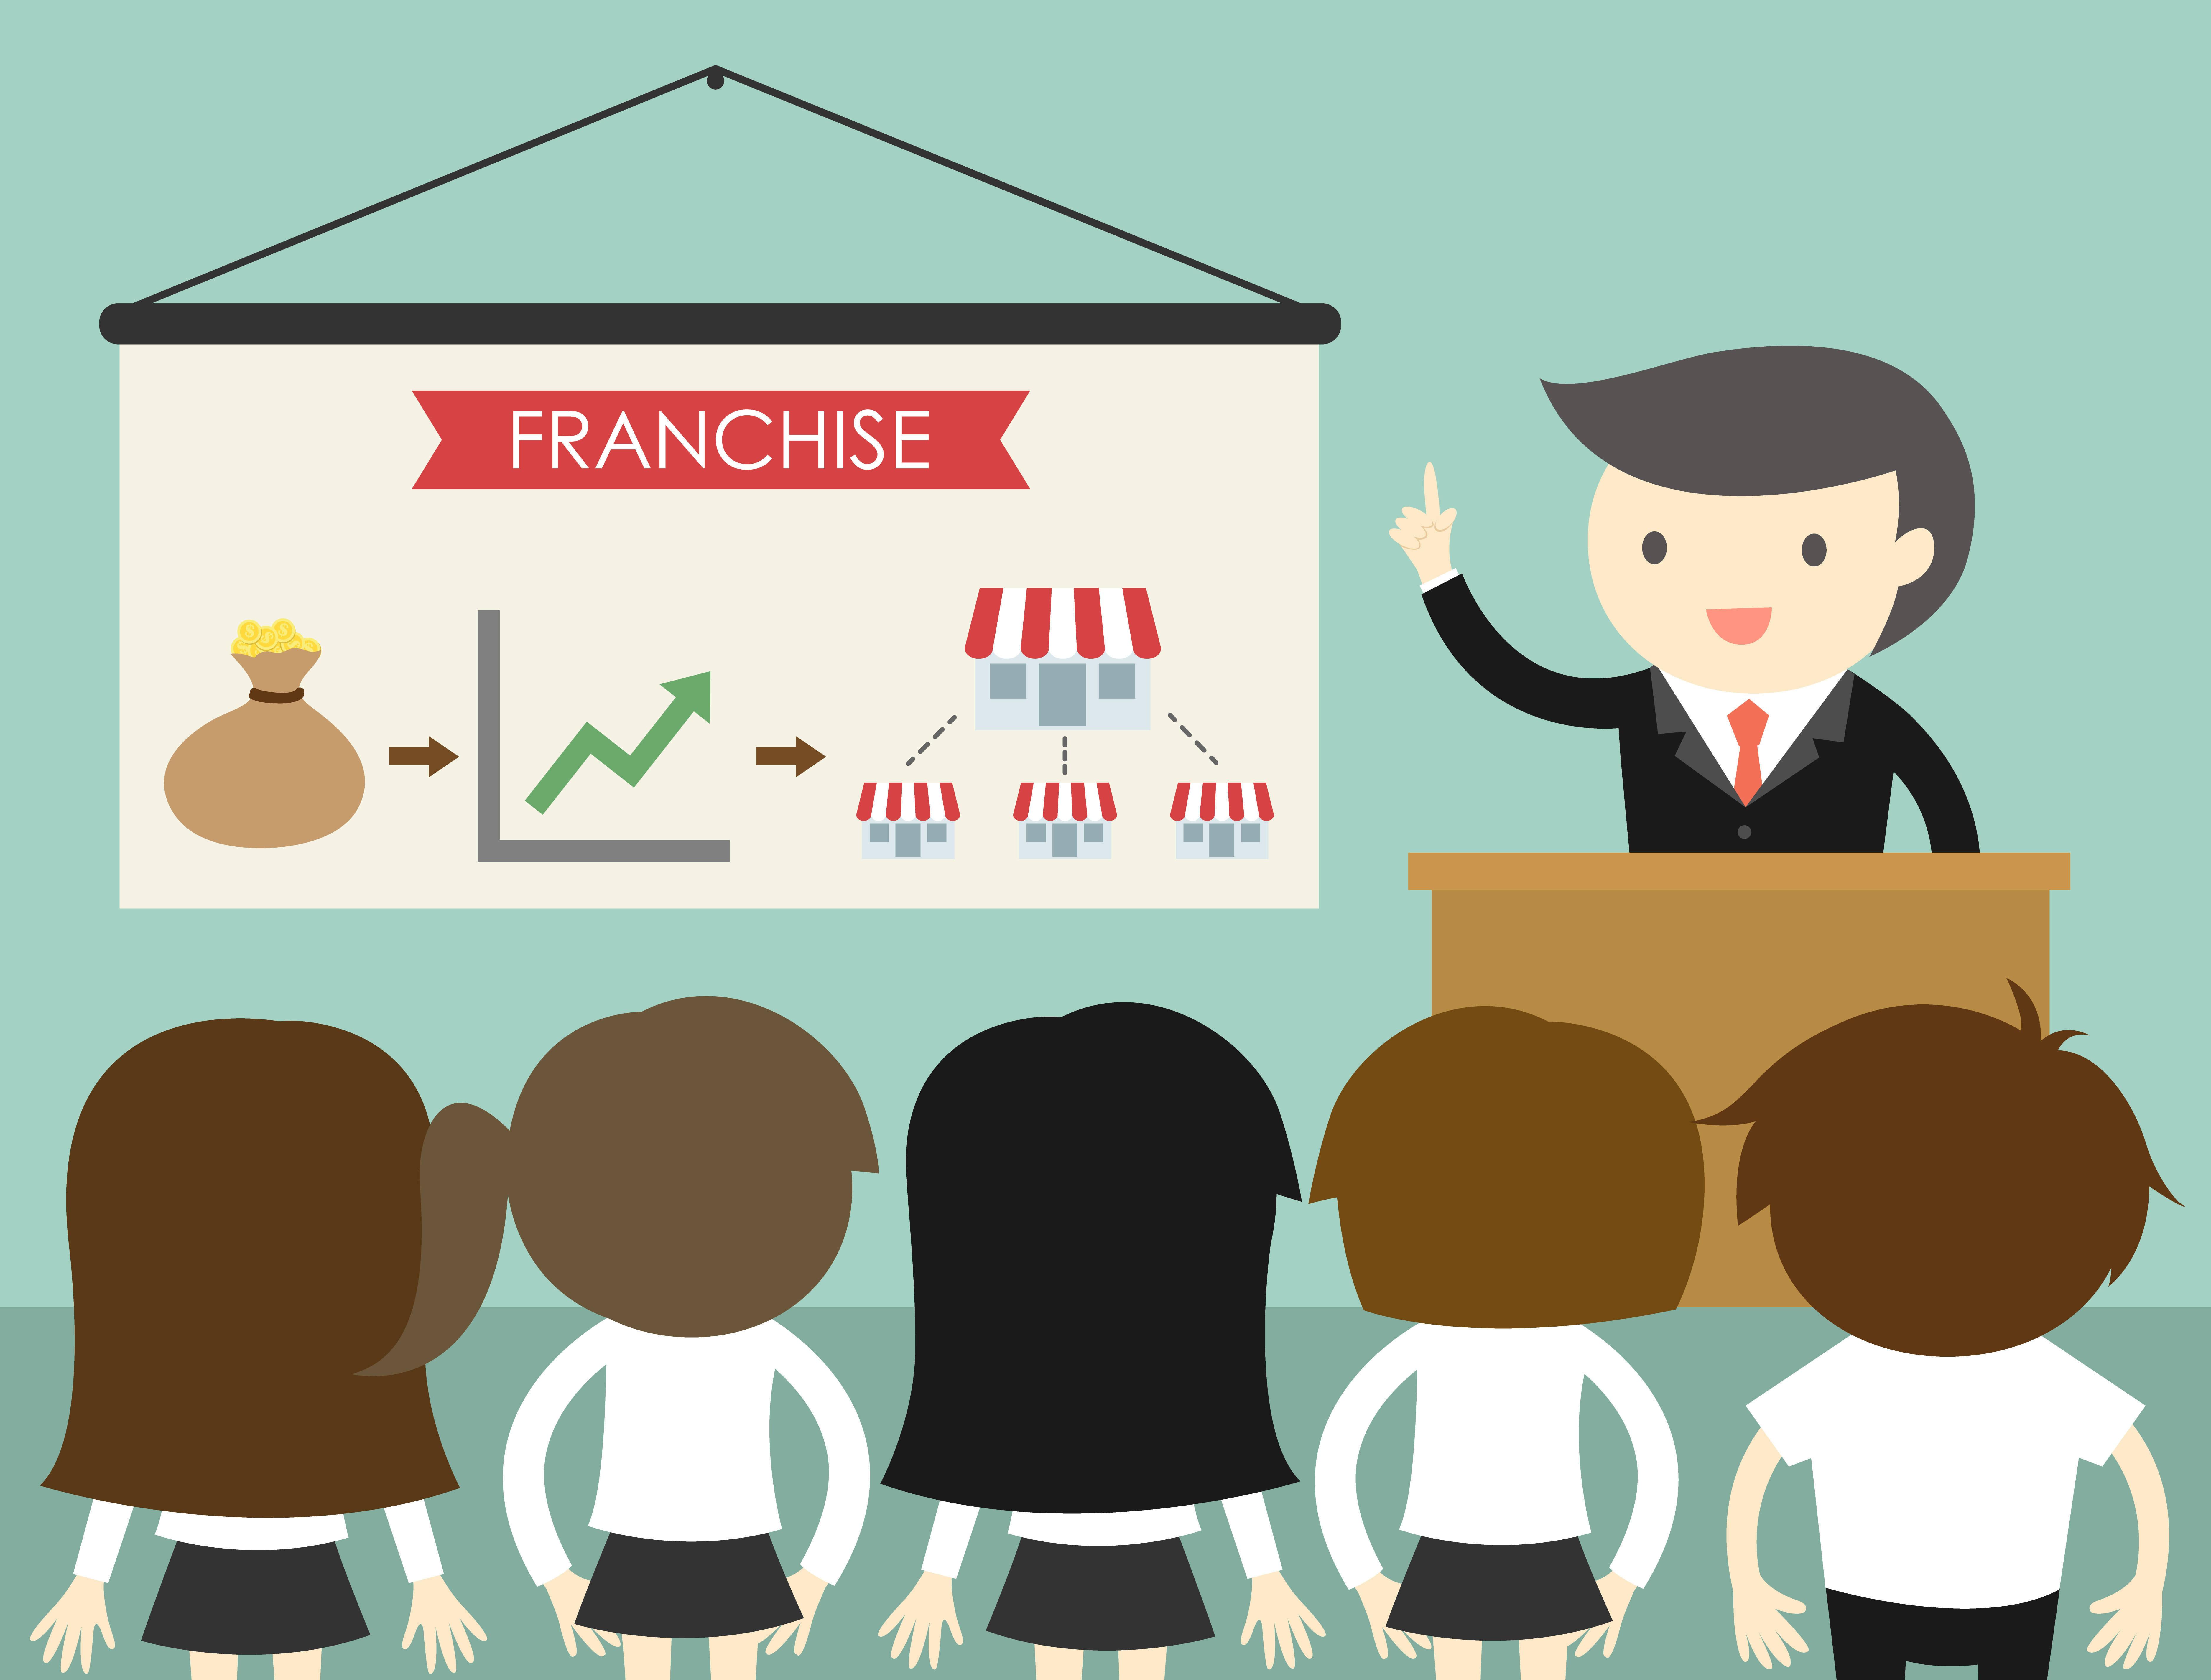 Porqué las franquicias tienen más éxito que los negocios independientes